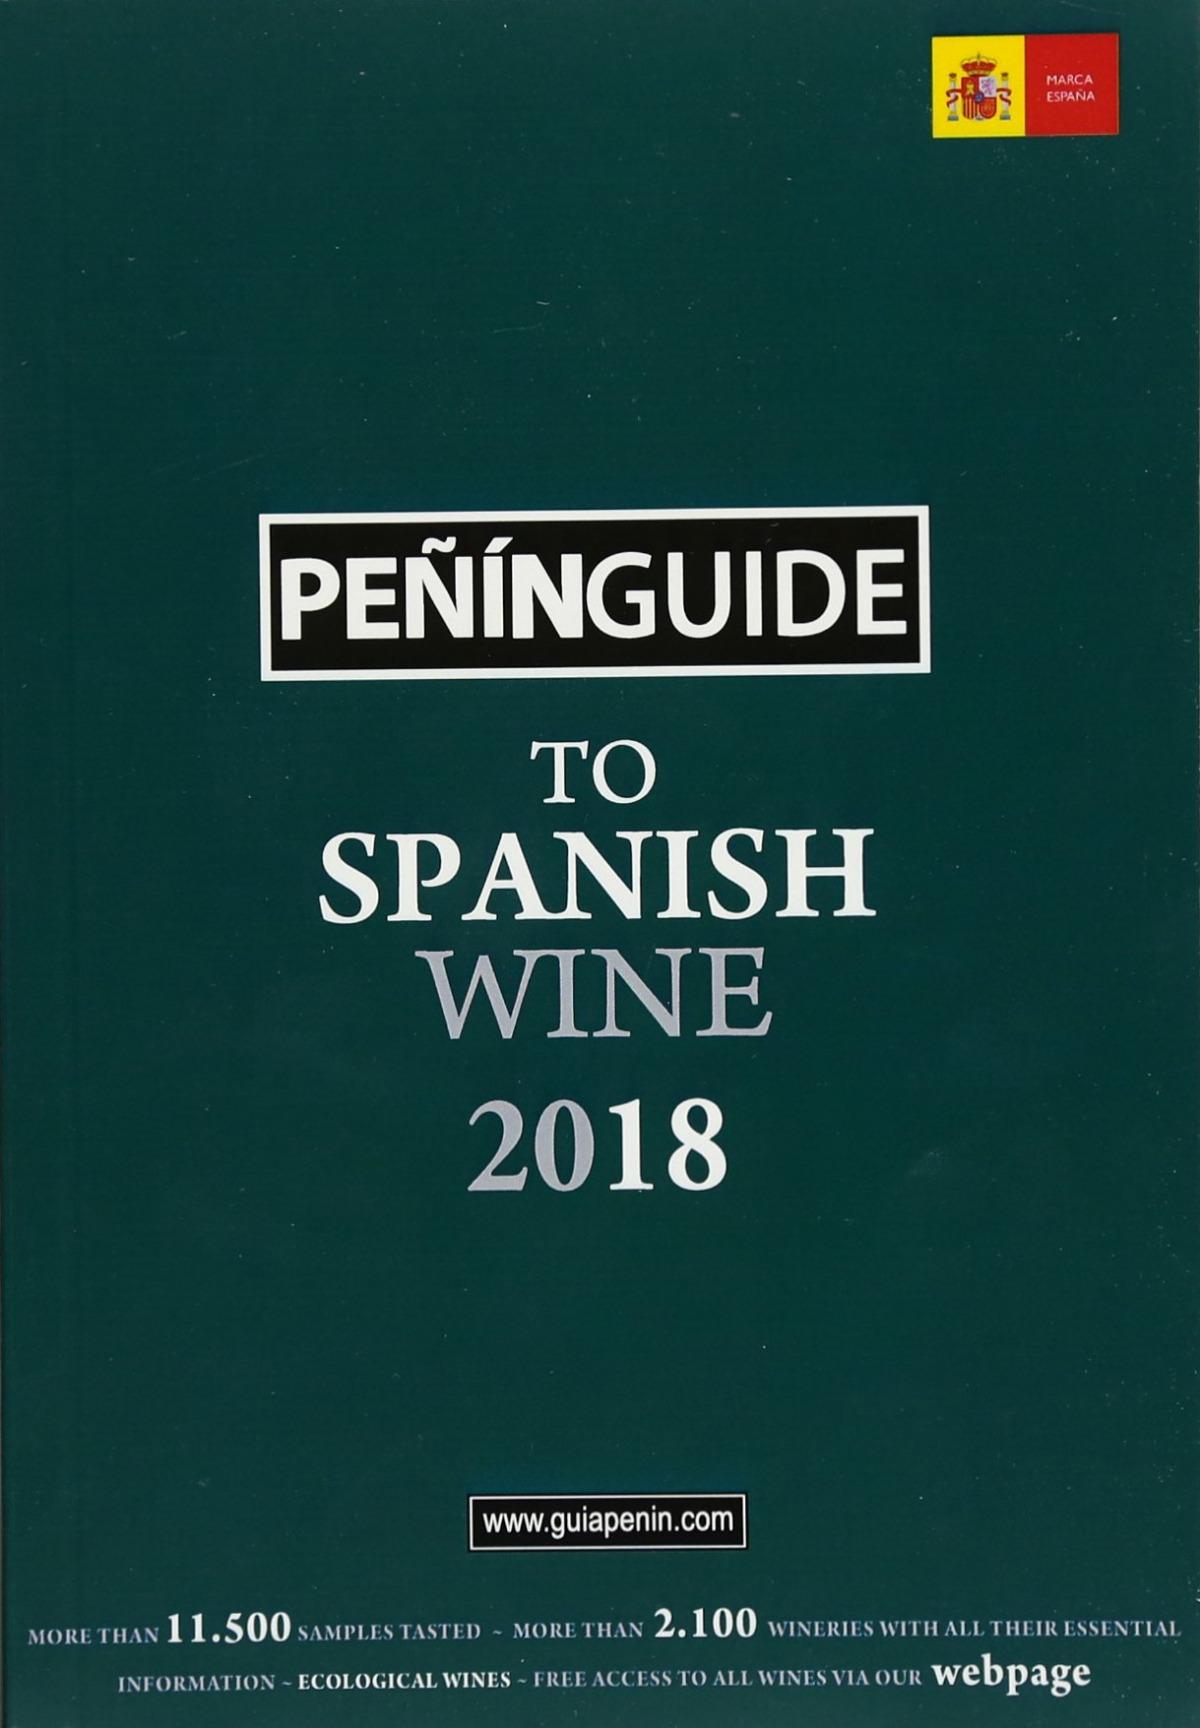 PEÑIN GUIDE TO SPANISH WINE 2018